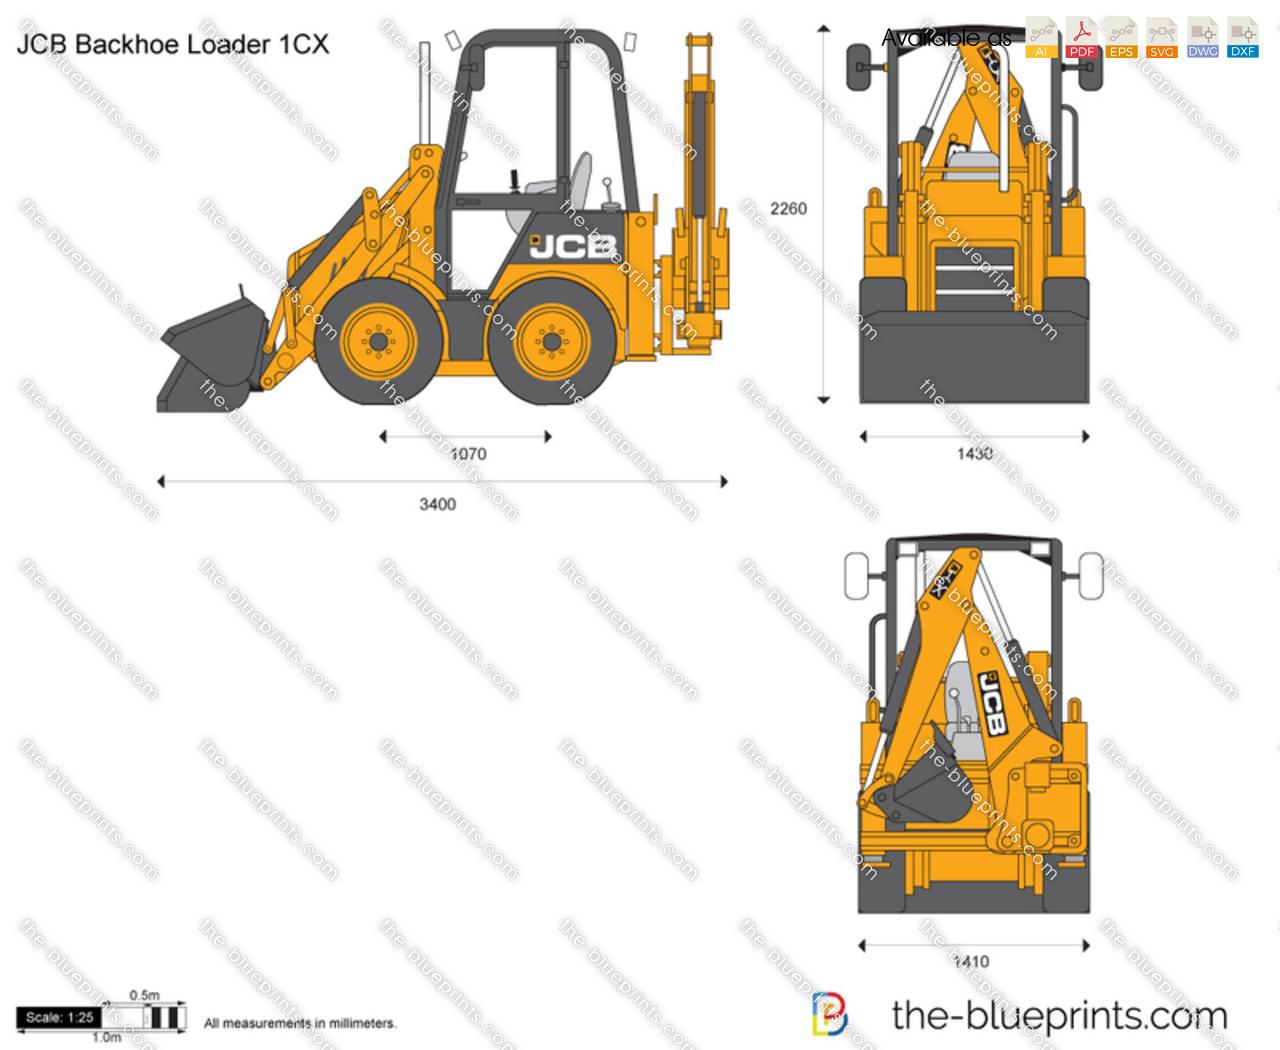 JCB 1CX Backhoe Loader